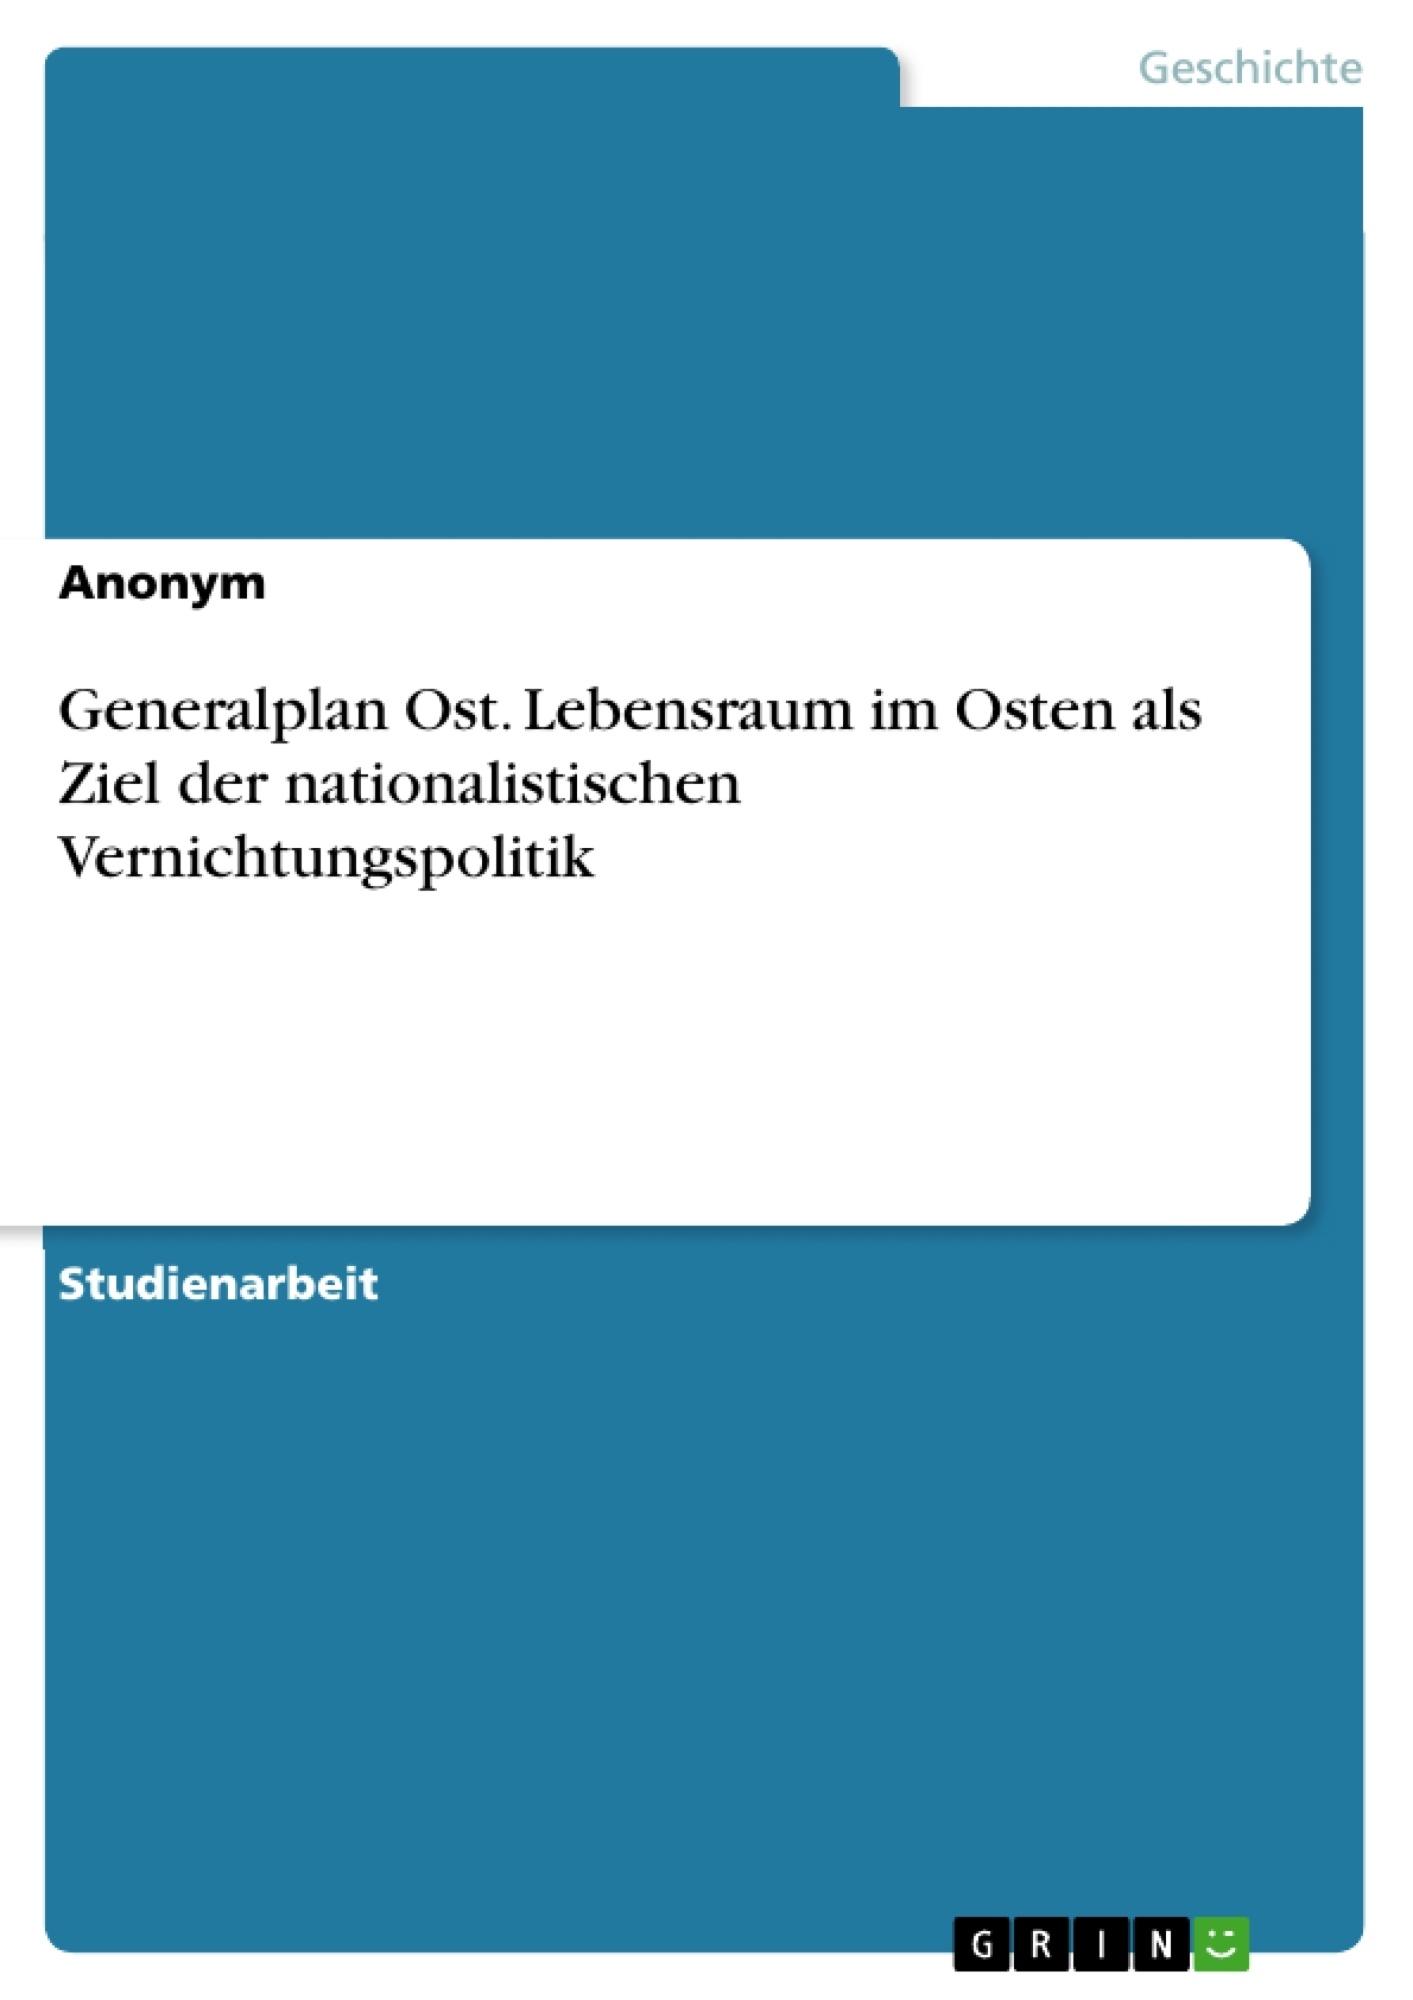 Titel: Generalplan Ost. Lebensraum im Osten als Ziel der nationalistischen Vernichtungspolitik